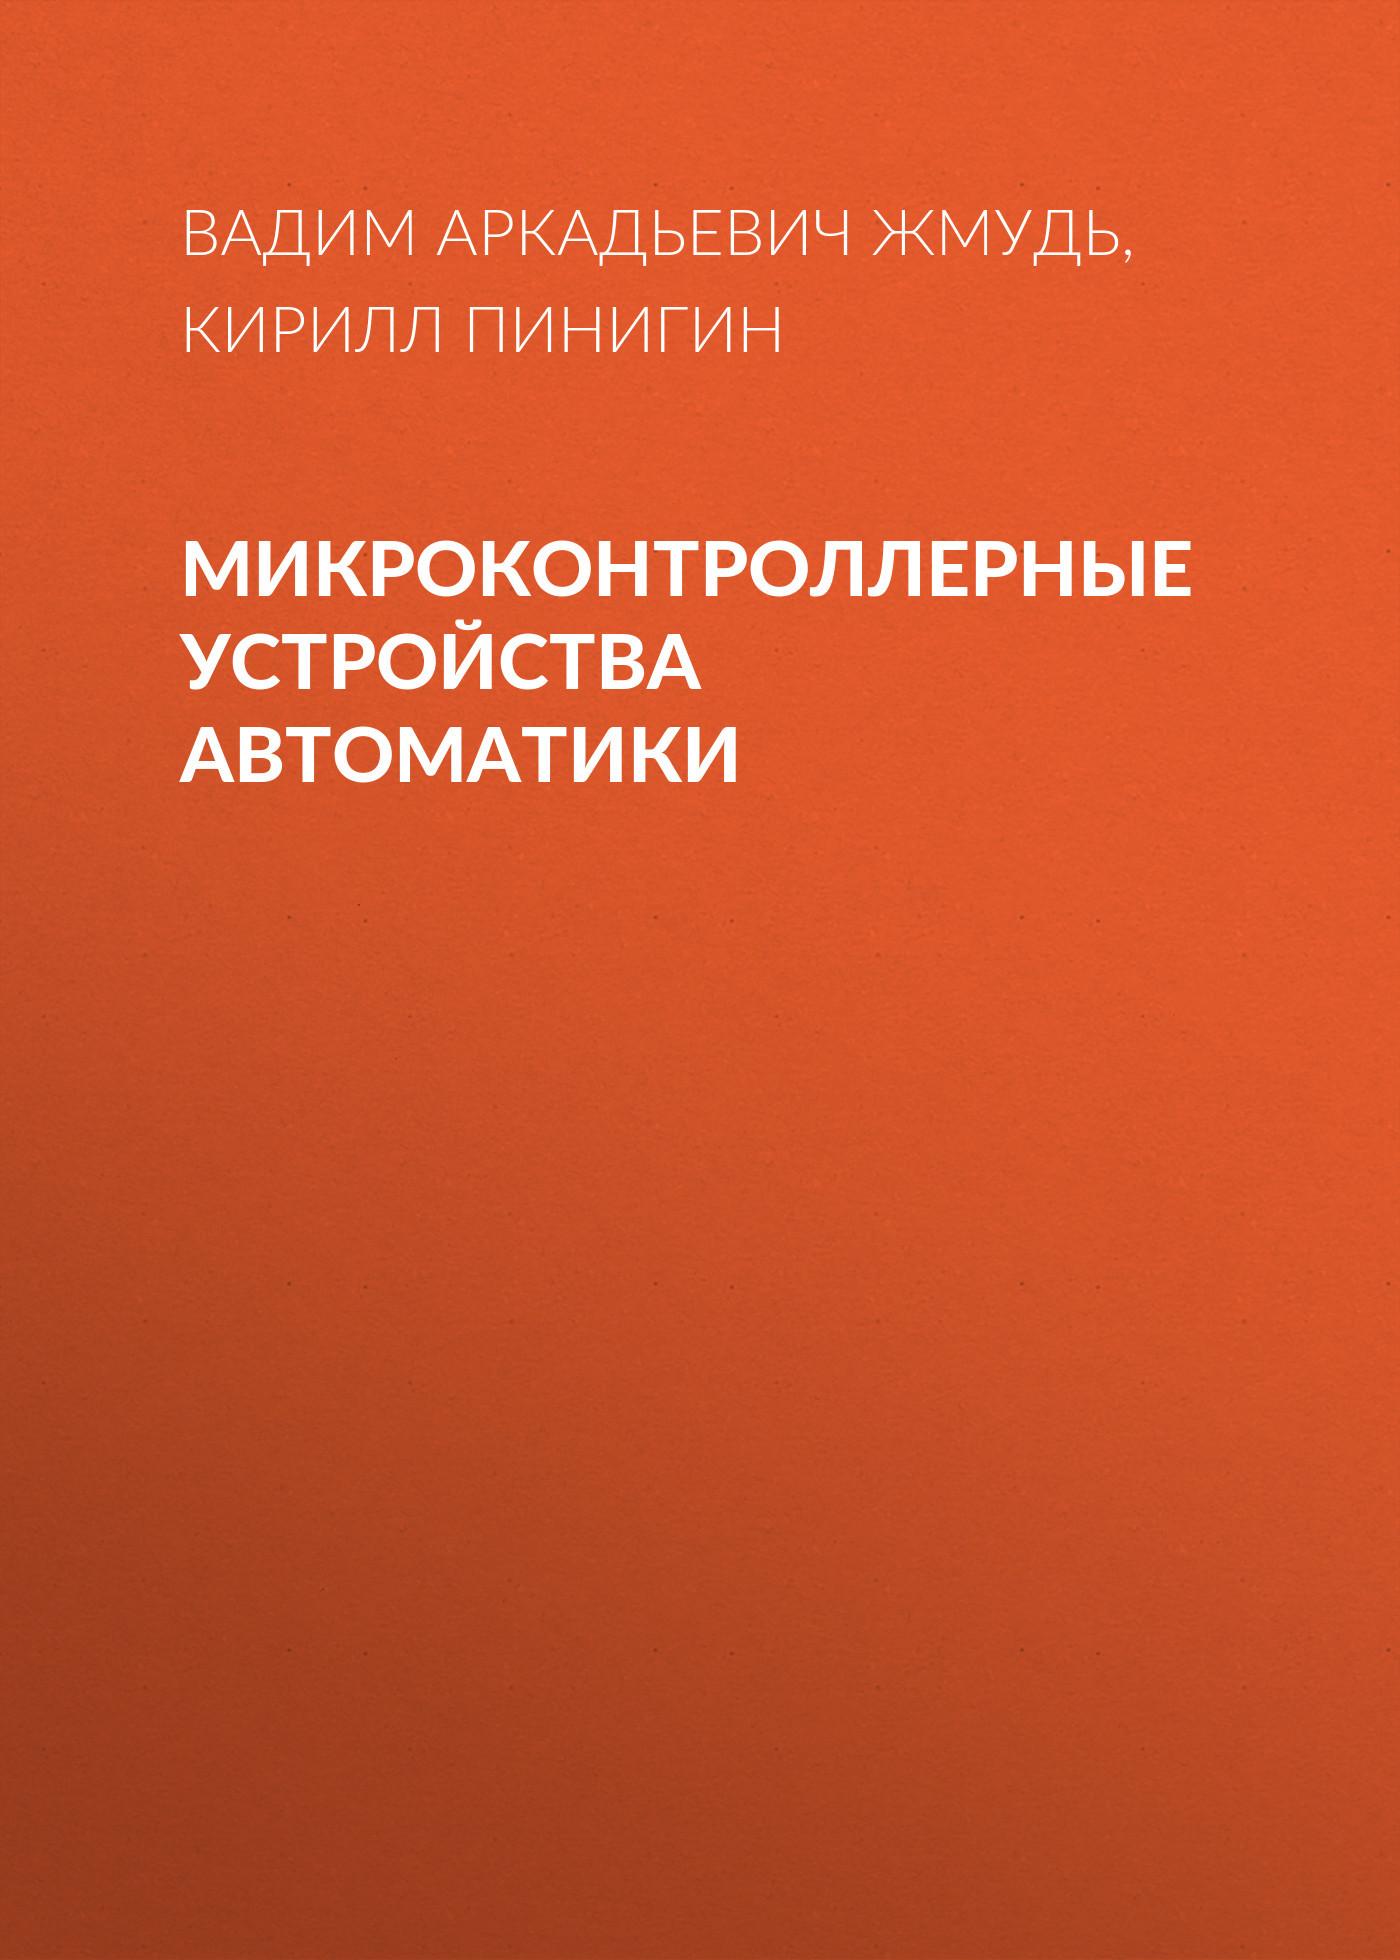 Вадим Аркадьевич Жмудь Микроконтроллерные устройства автоматики